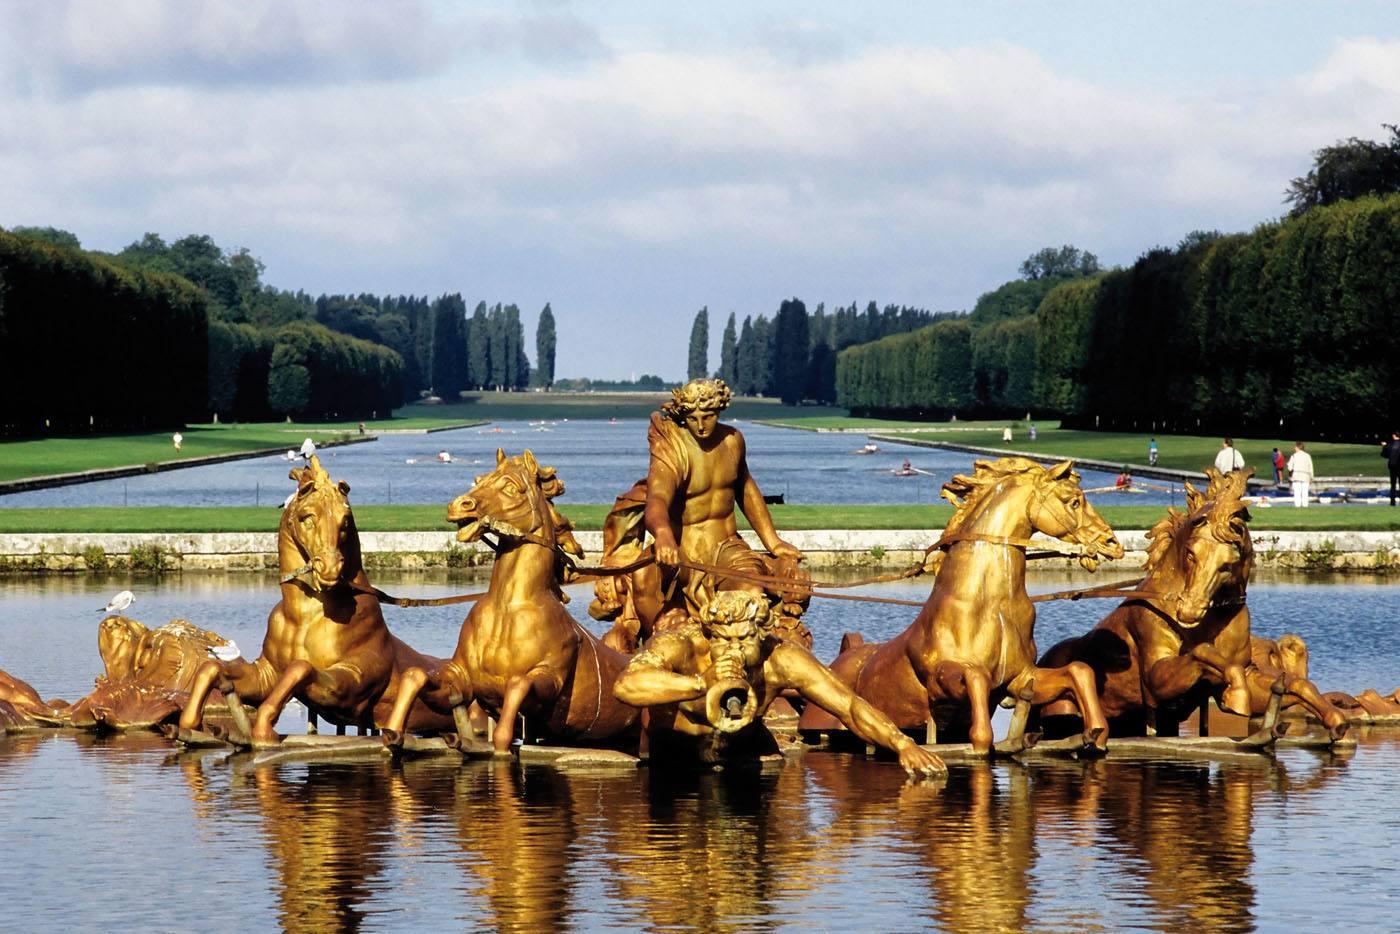 Apollon dans les jardins de versailles - Le jardin de versailles histoire des arts ...